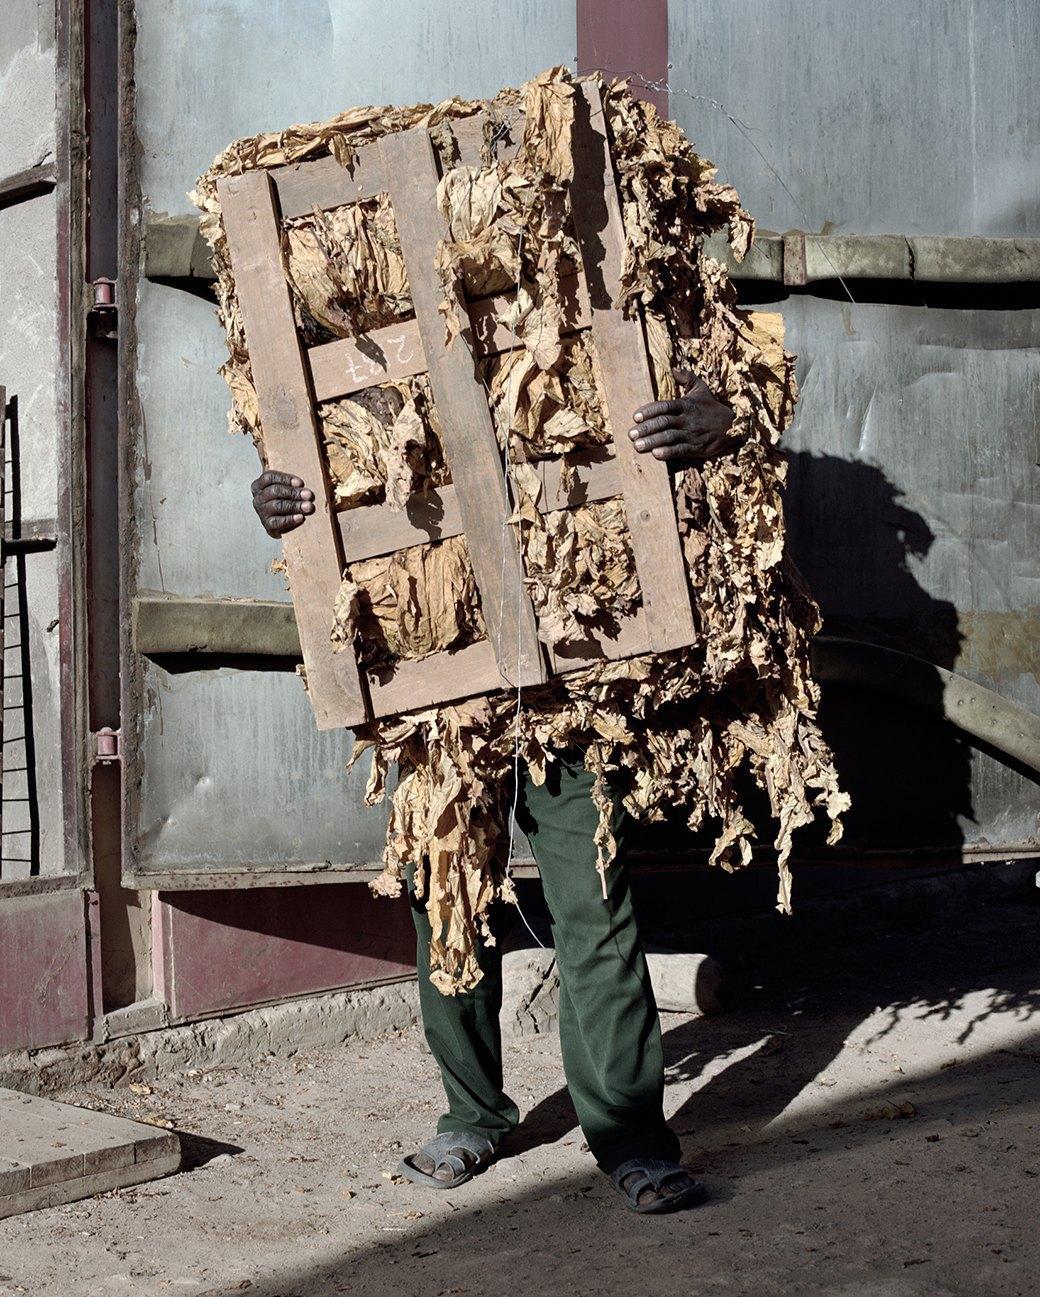 «Местность»: Обезличенный труд африканских крестьян. Изображение № 17.